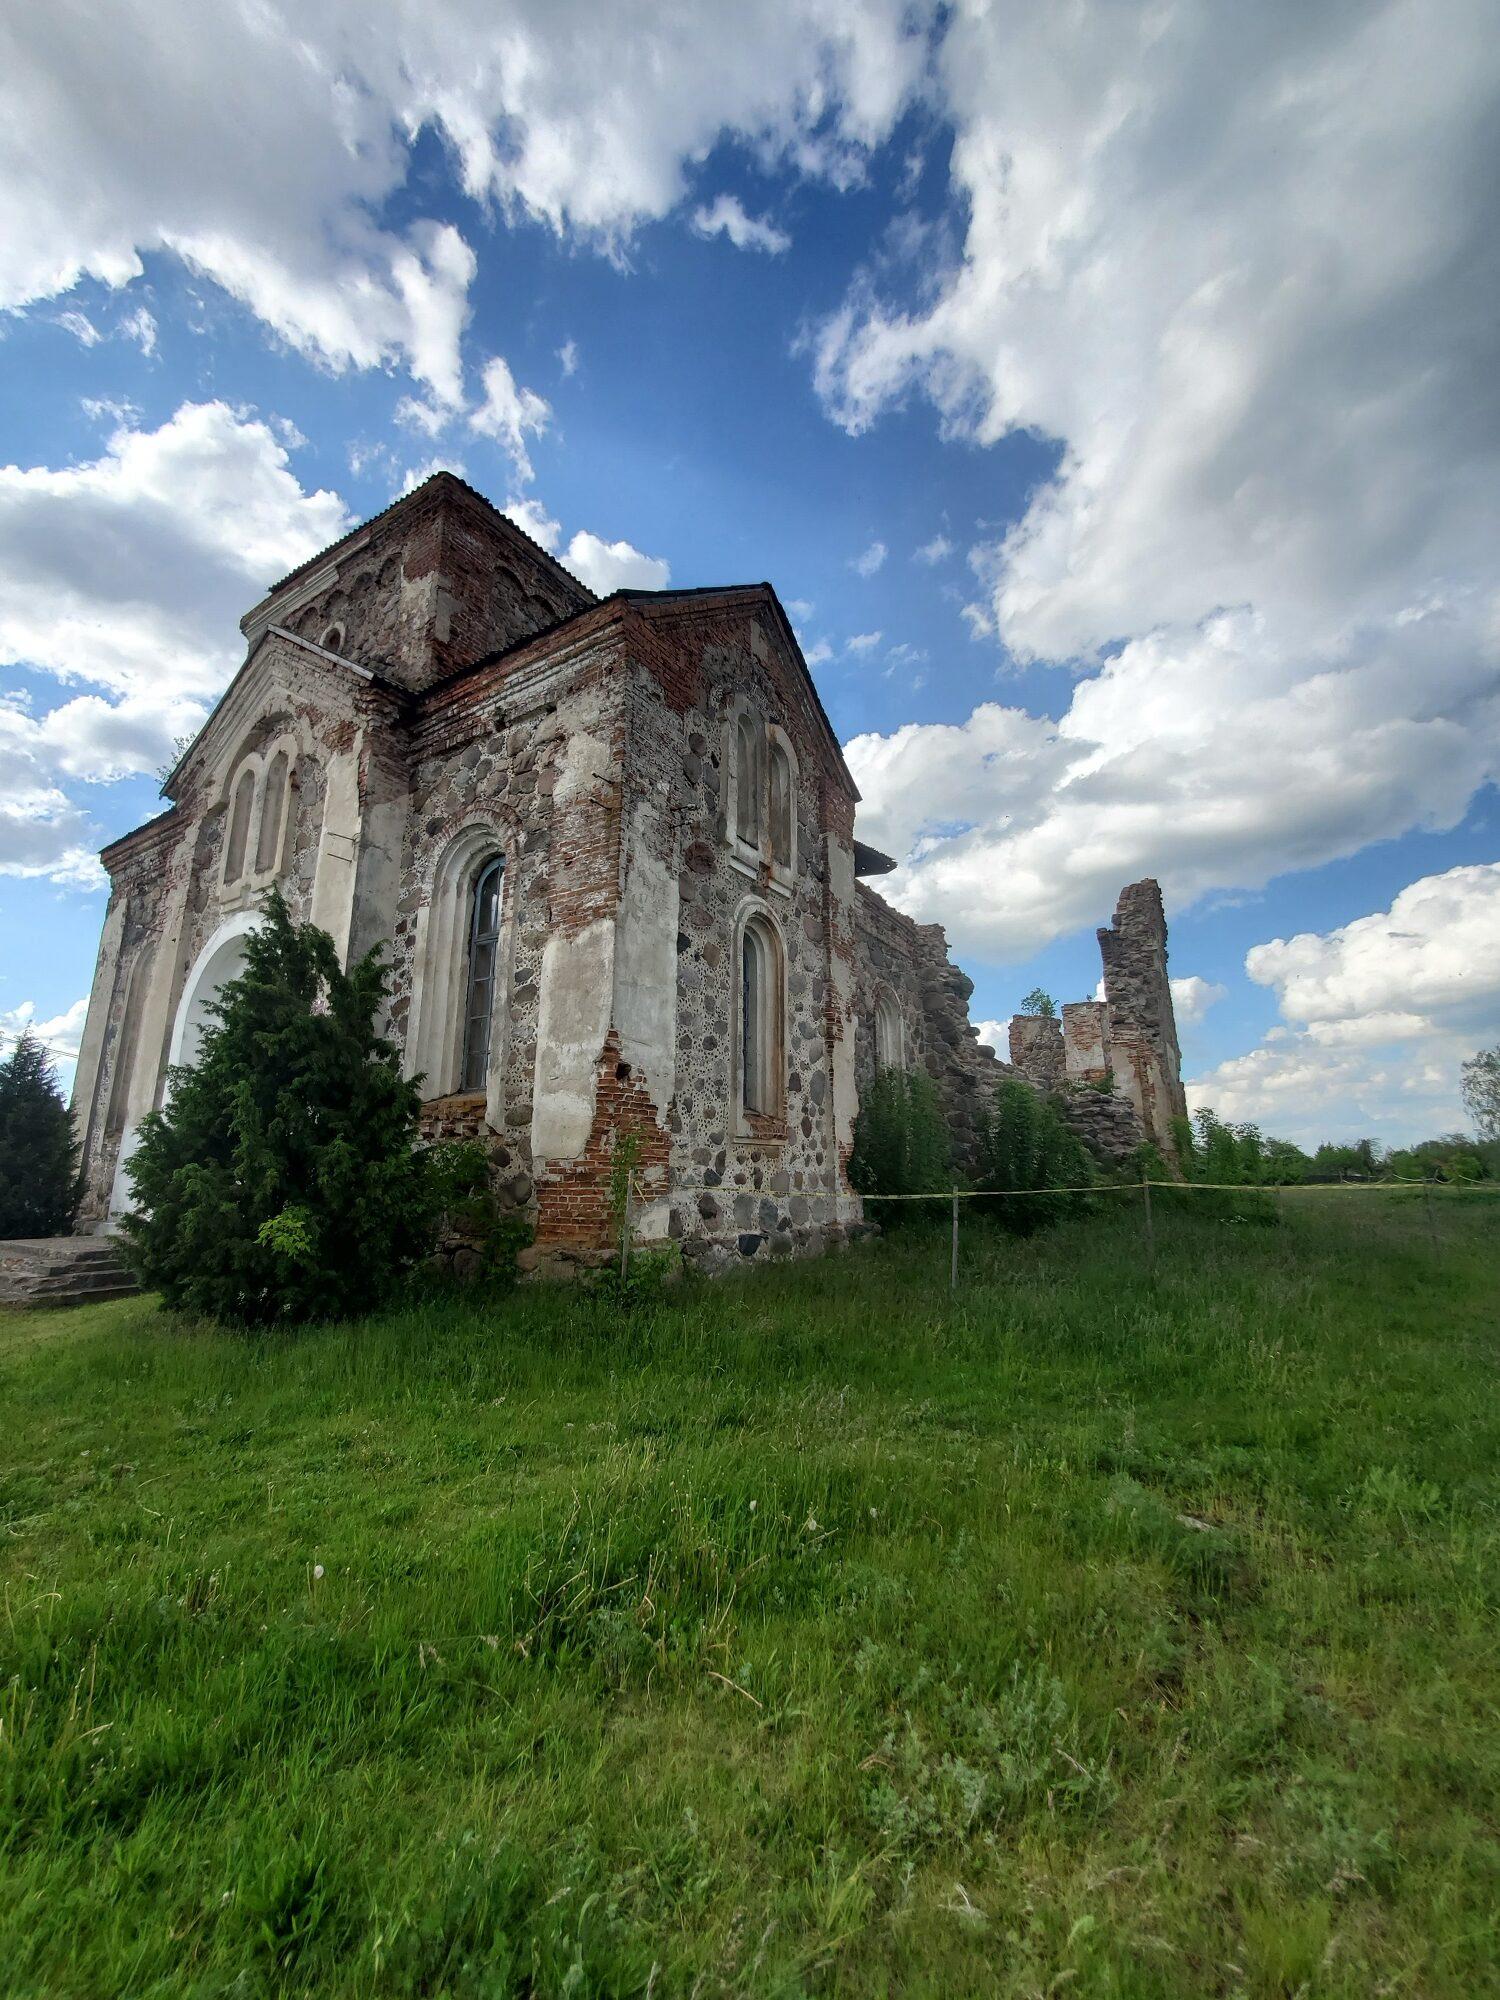 20200606 174308 rotated - Церковь Всех Святых в Бегомле